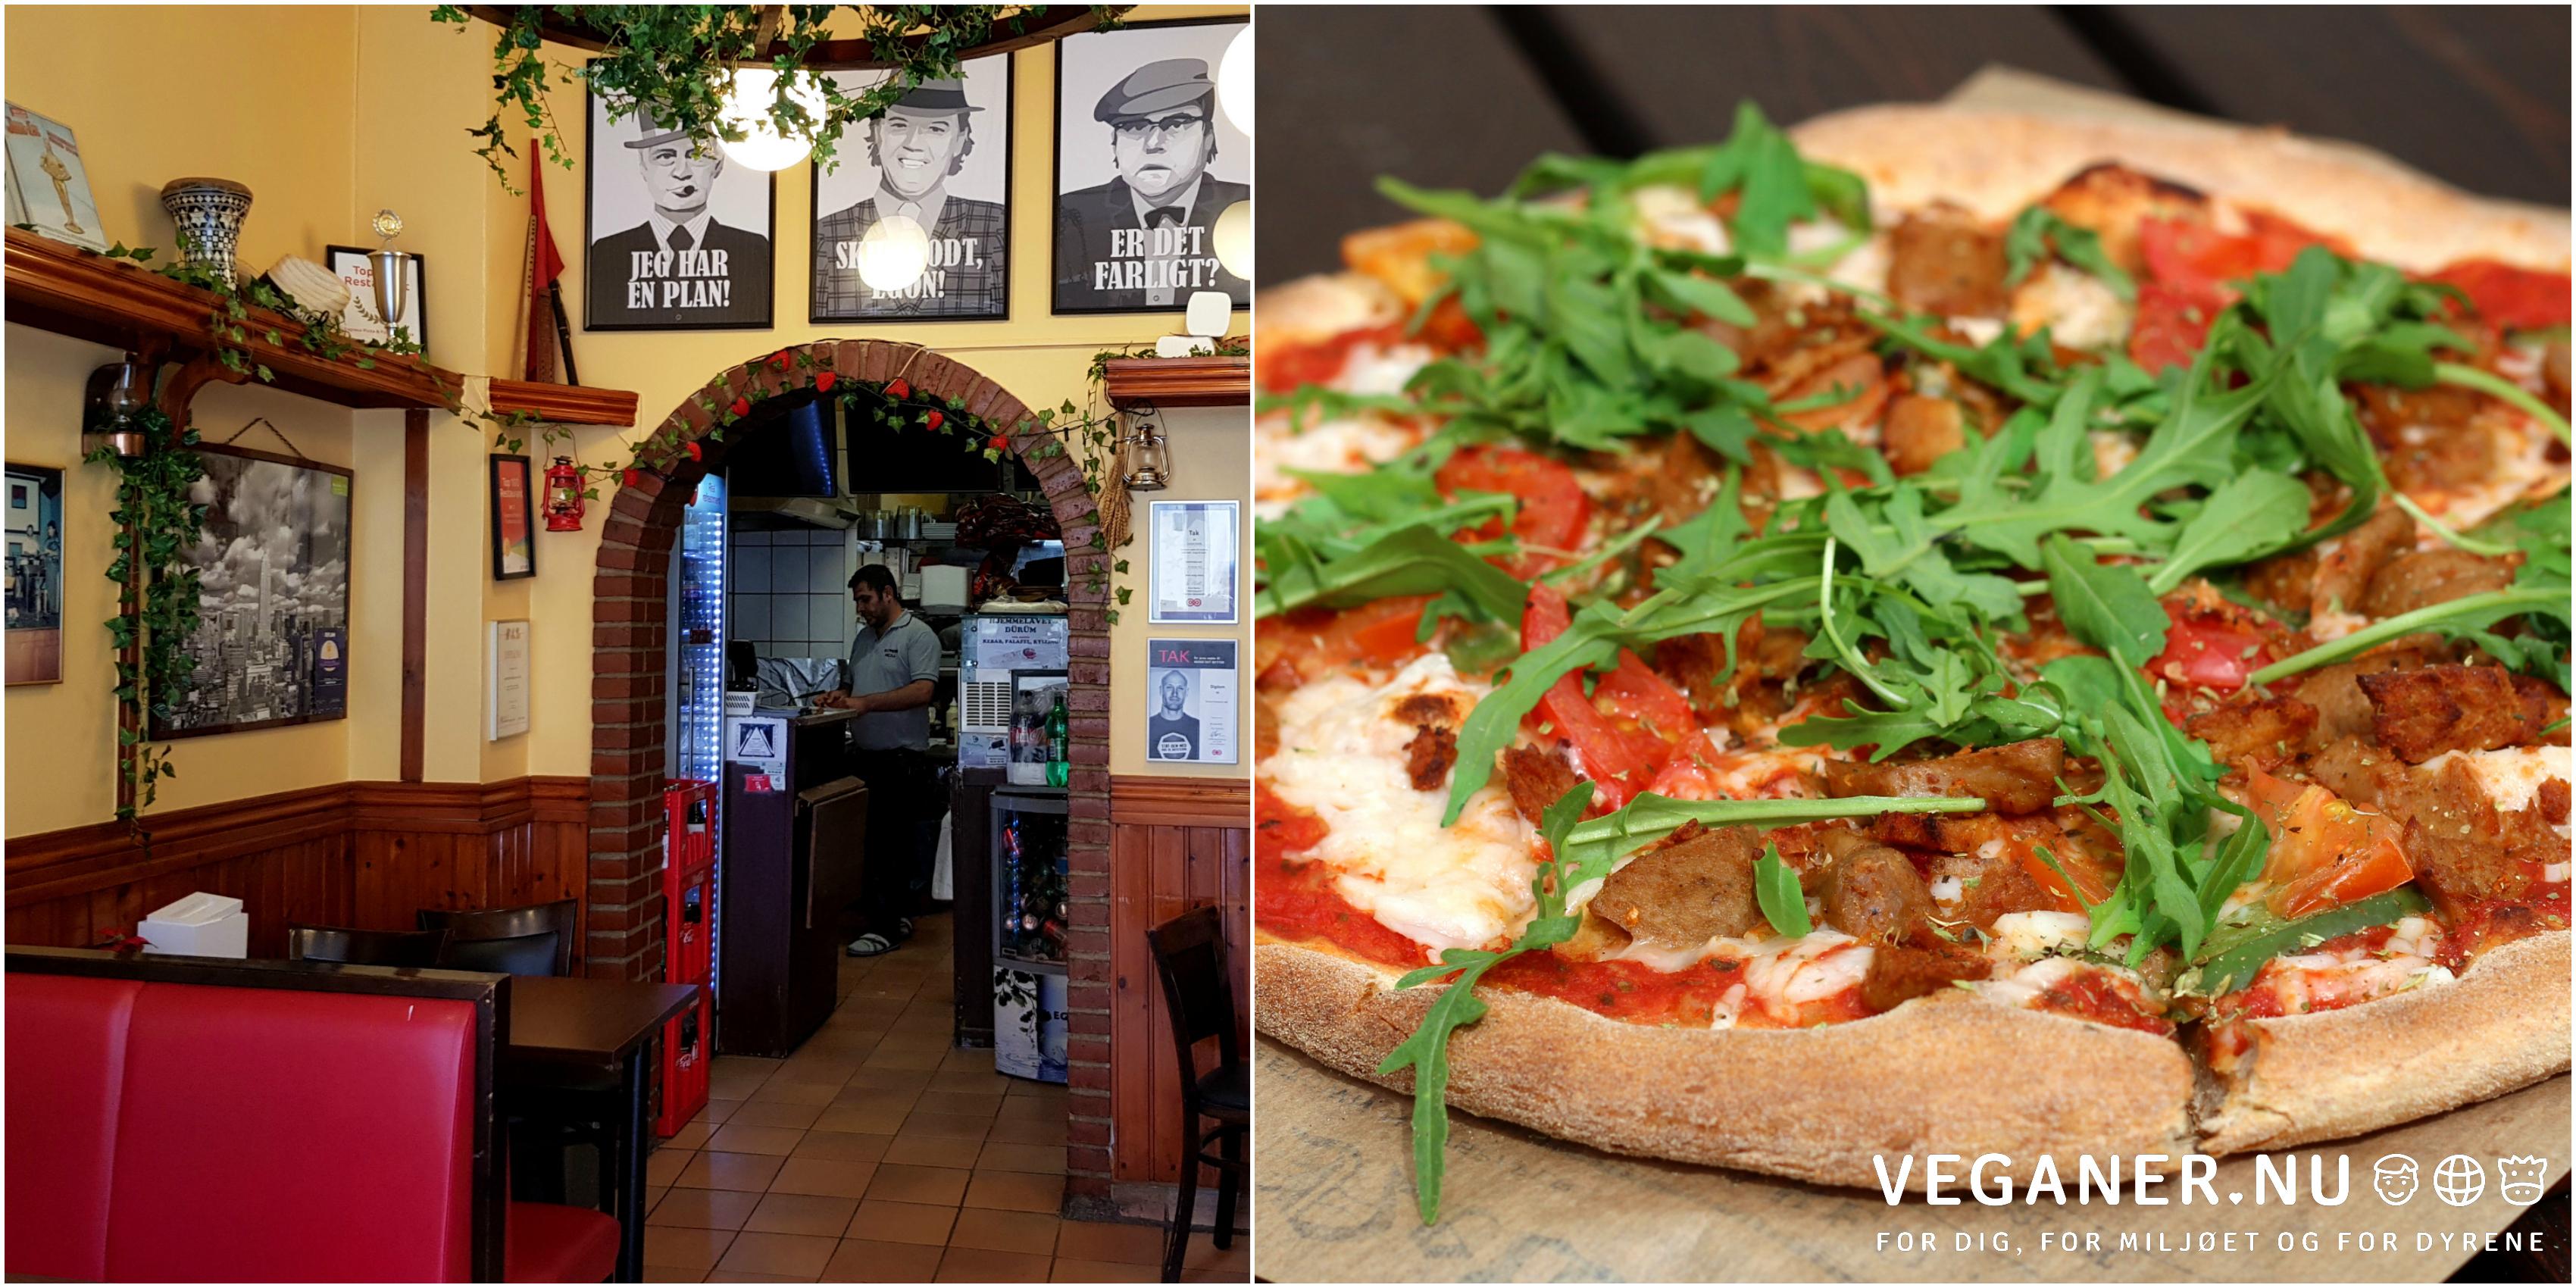 Veganer.nu-express-pizza